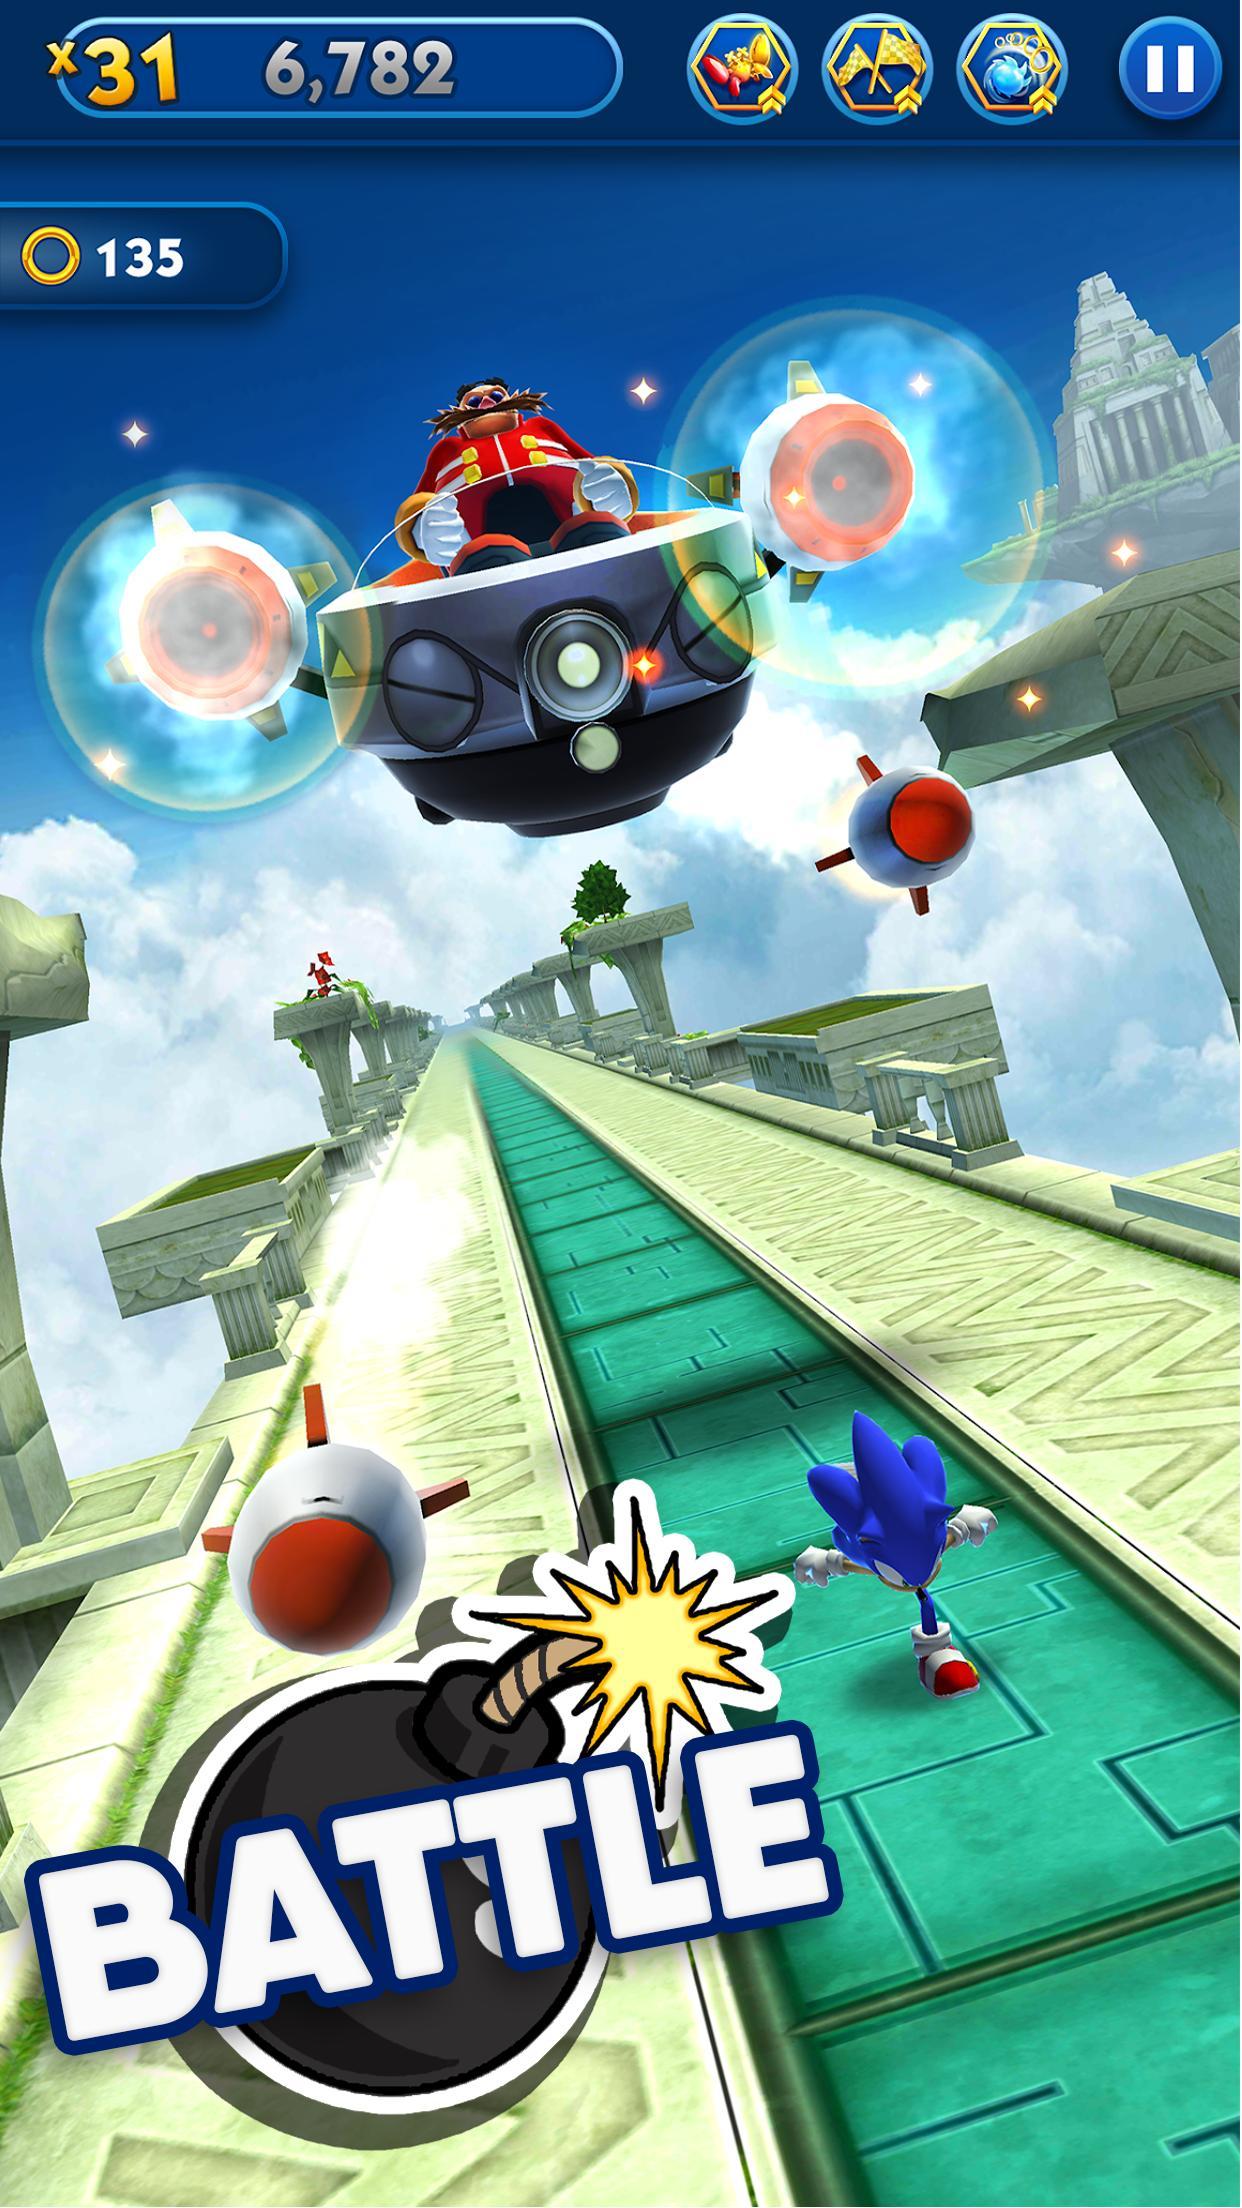 Sonic Dash - Endless Running & Racing Game 4.14.0 Screenshot 19